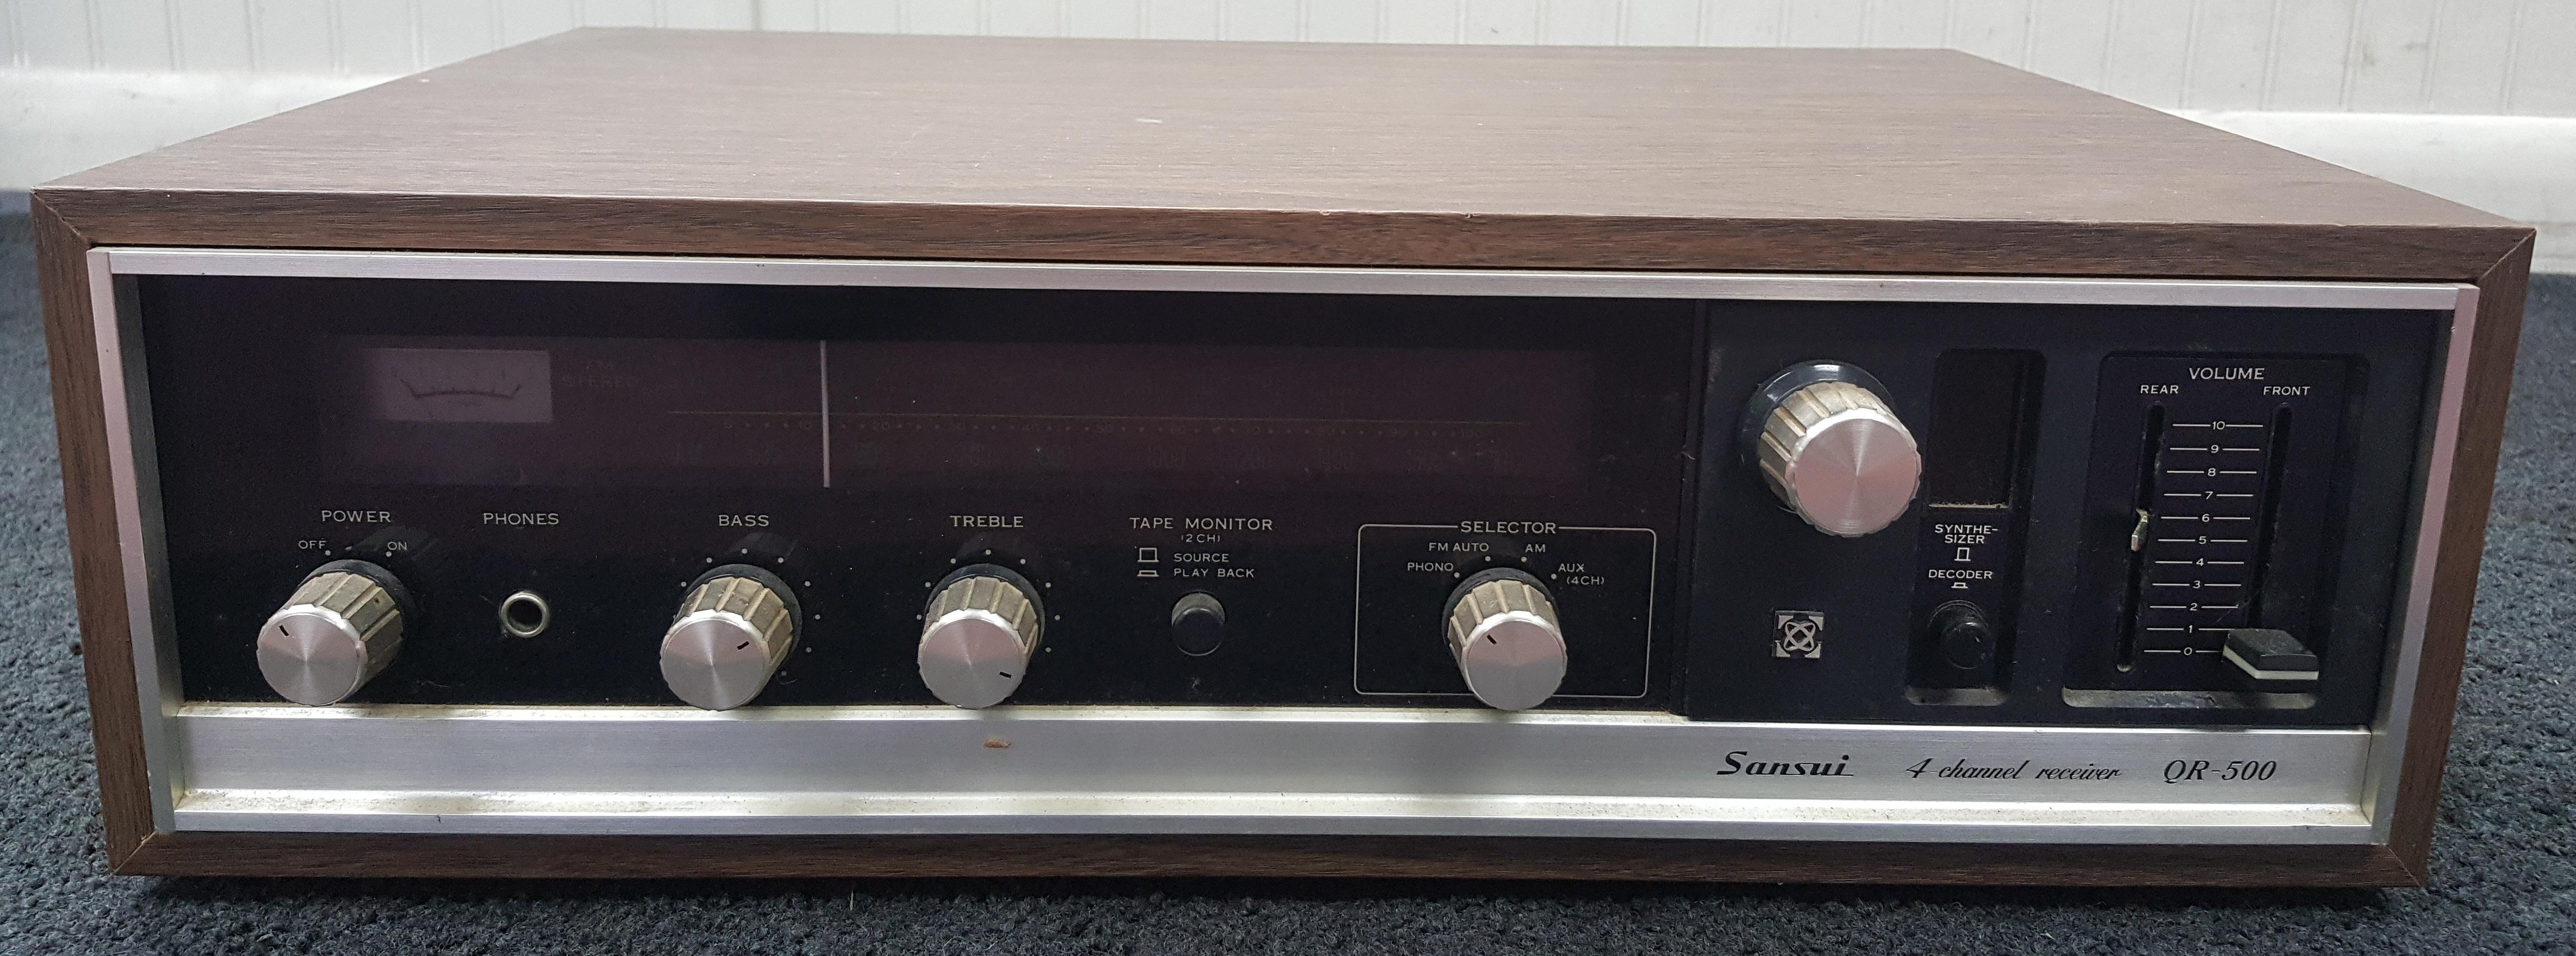 SANSUI QR-500 RECEIVER